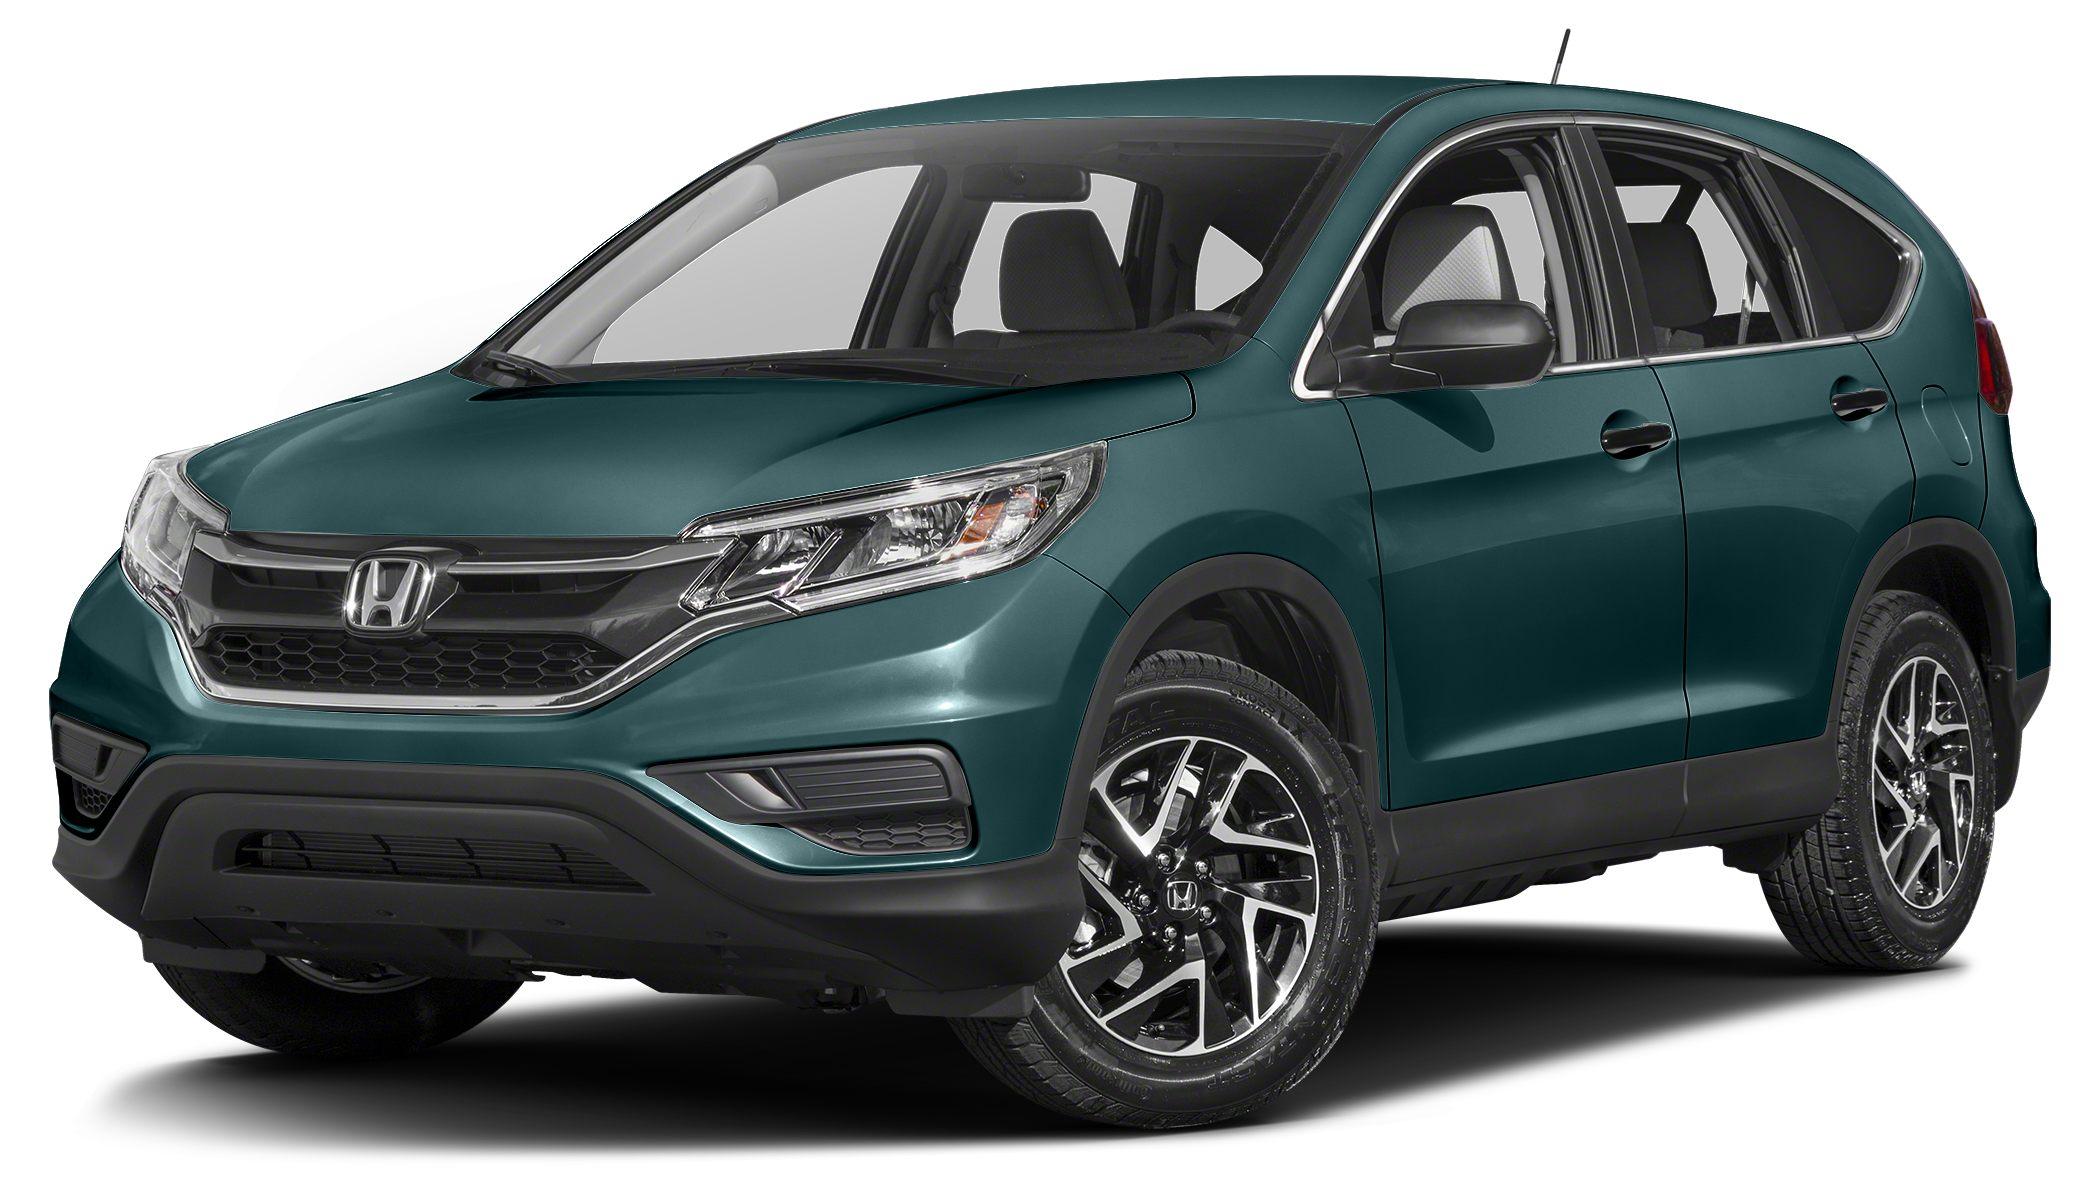 2016 Honda CR-V SE Buy a new Honda from Diamond Valley Honda in Hemet and obtain Lifetime Oil Chan